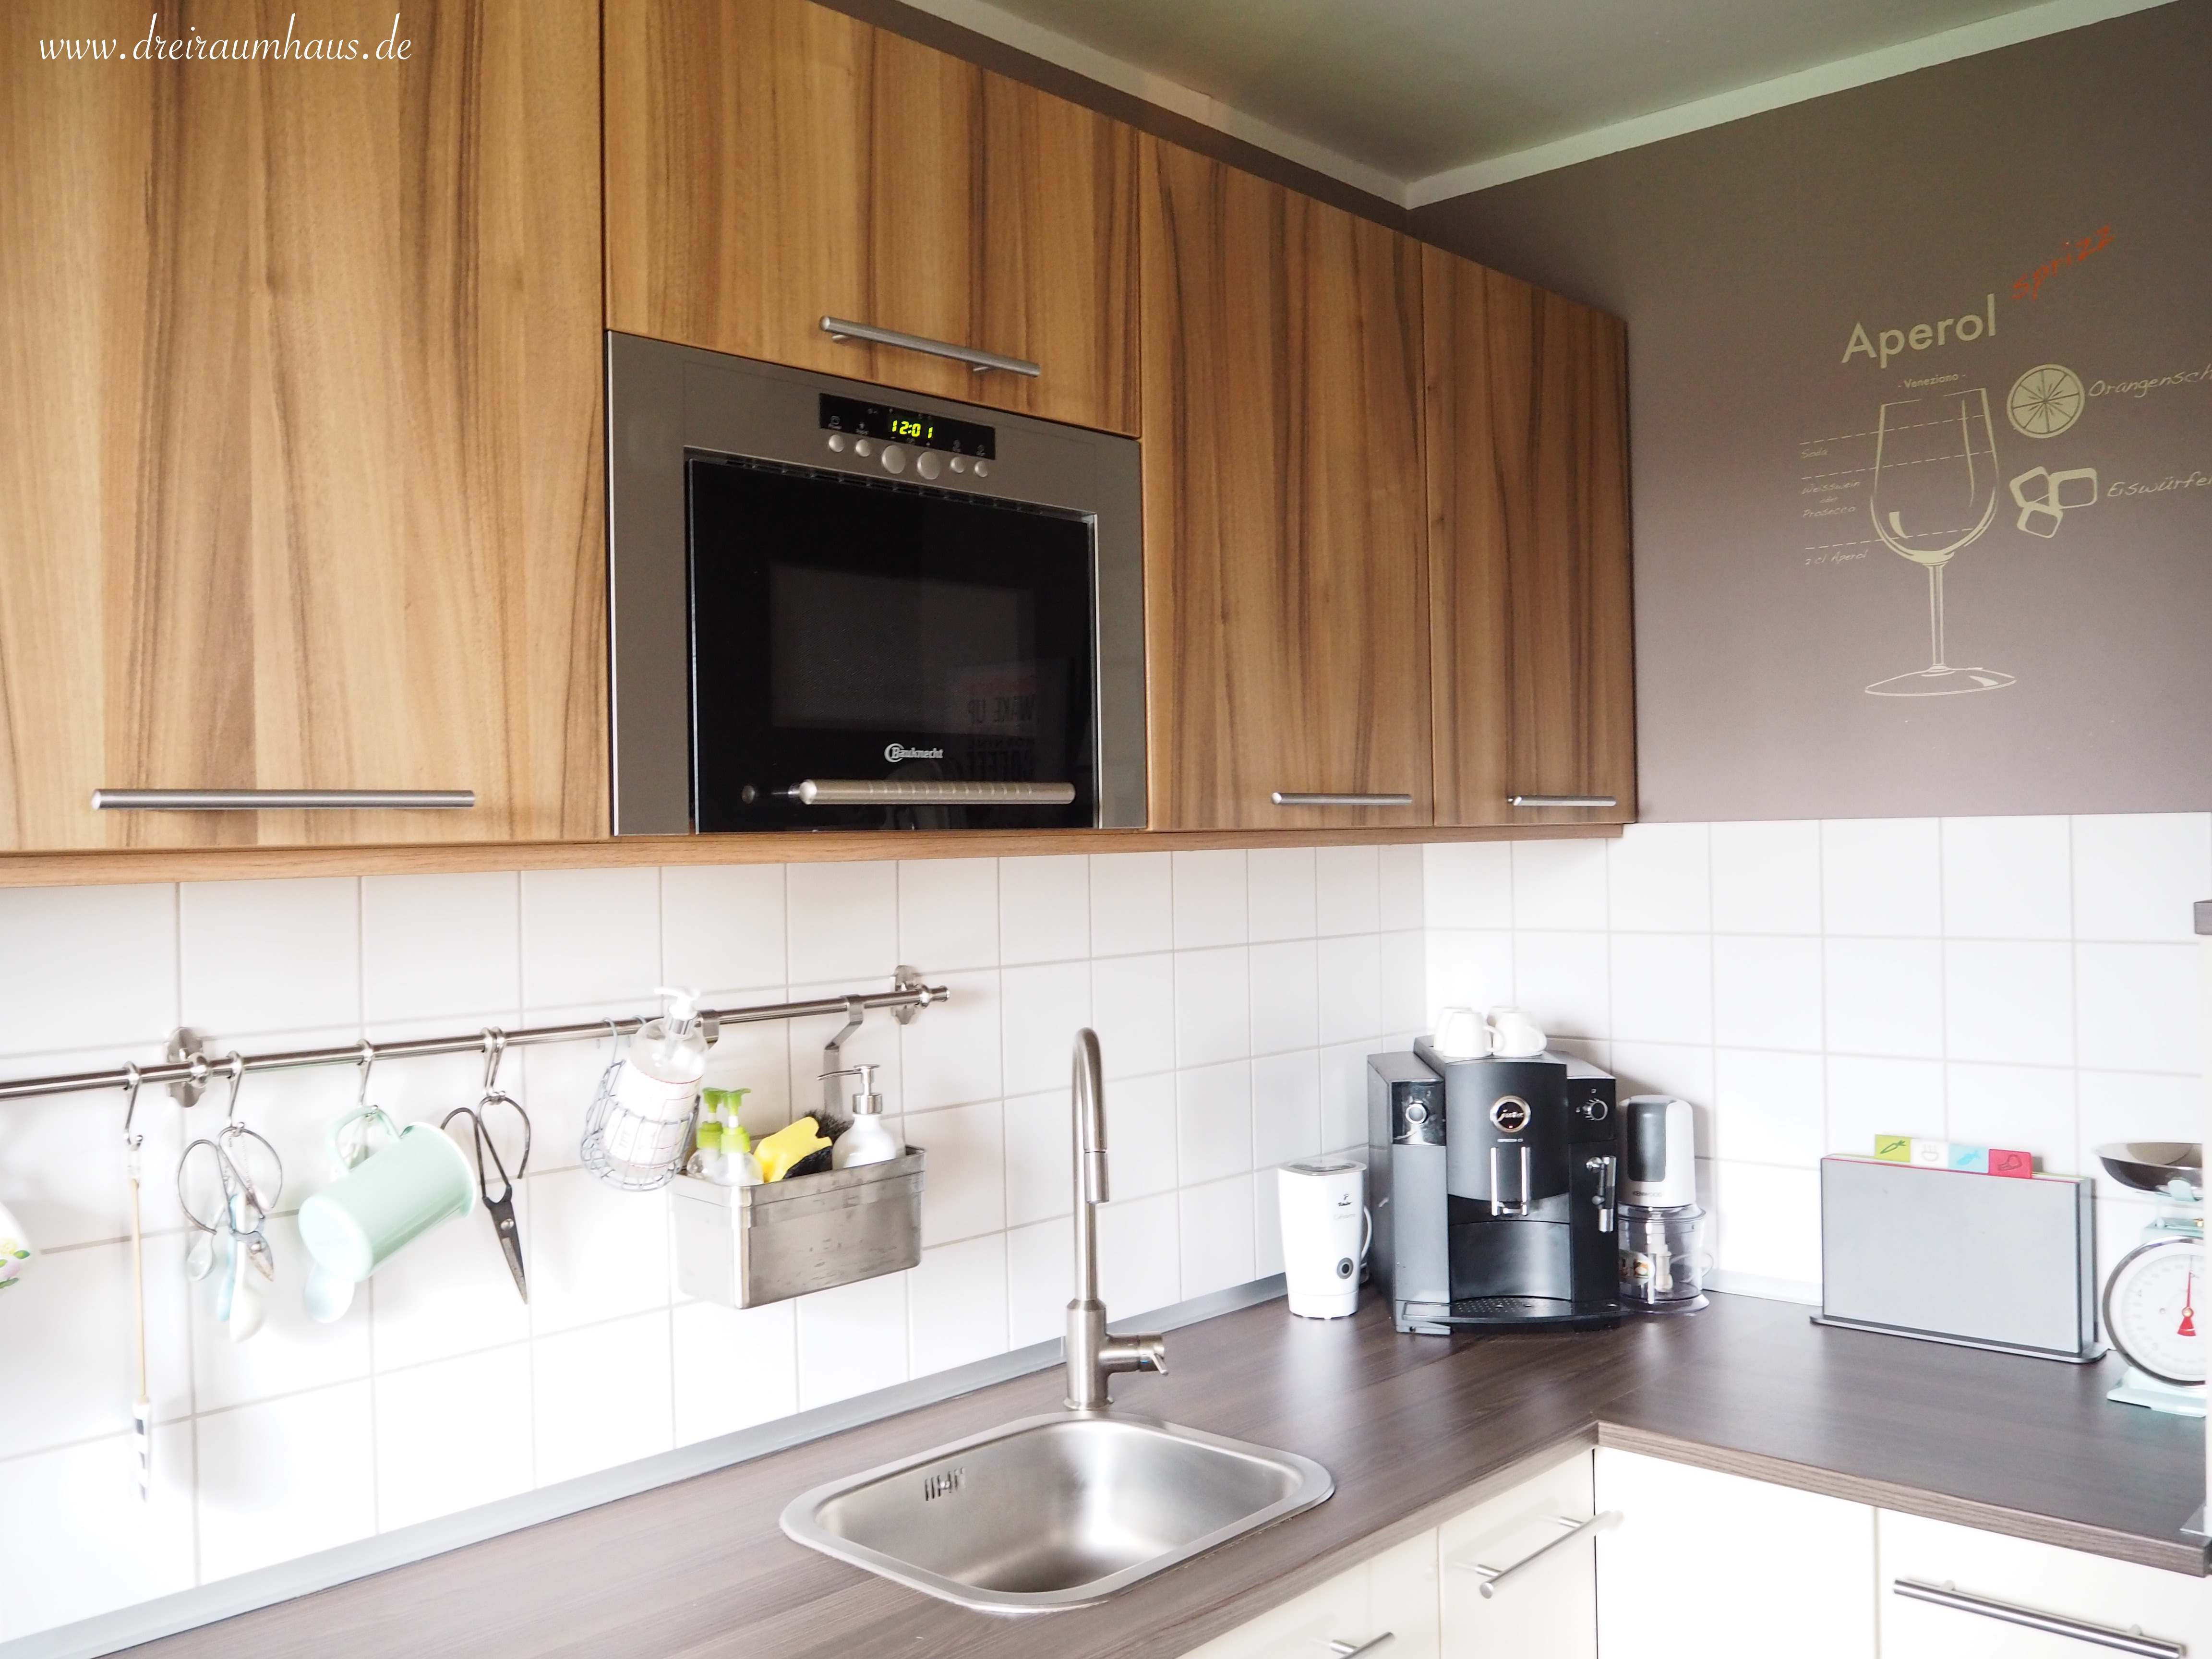 Ikea Küche Metod  IKEA KÜCHE METOD an mich bitte selbst dreiraumhaus